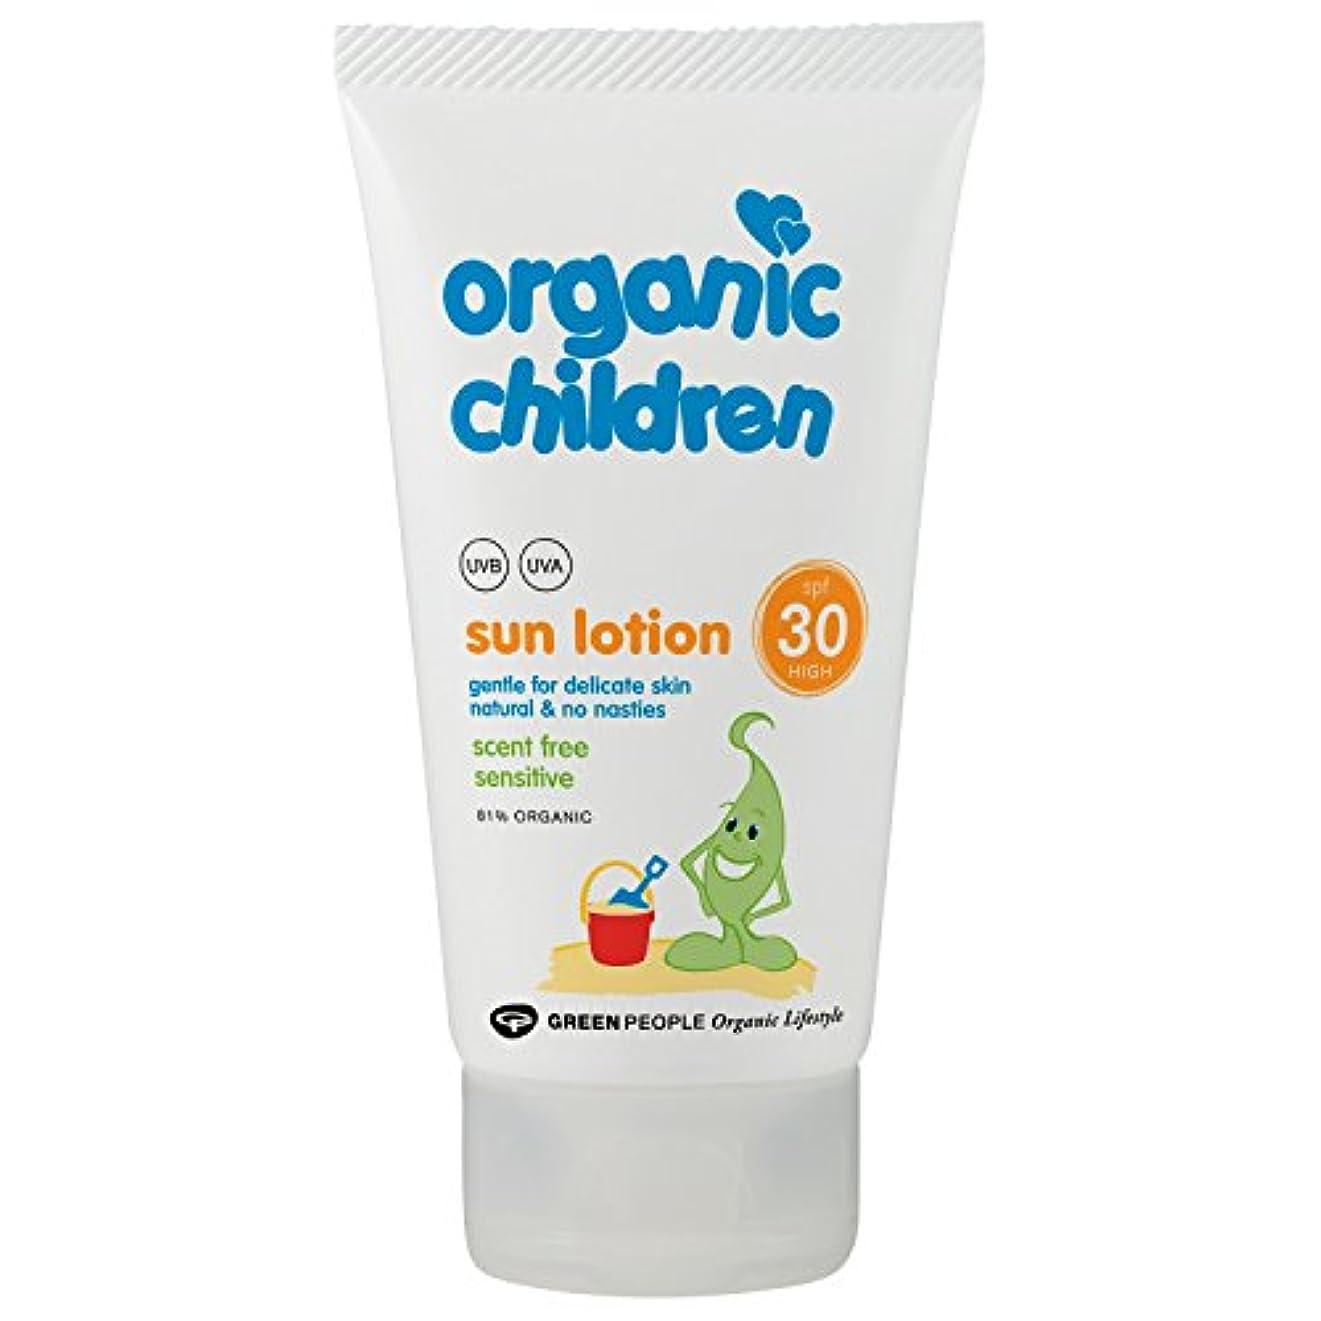 神経障害コーラストライアスリート有機子どもたちは30日のローション150グラムを x4 - Organic Children SPF 30 Sun Lotion 150g (Pack of 4) [並行輸入品]